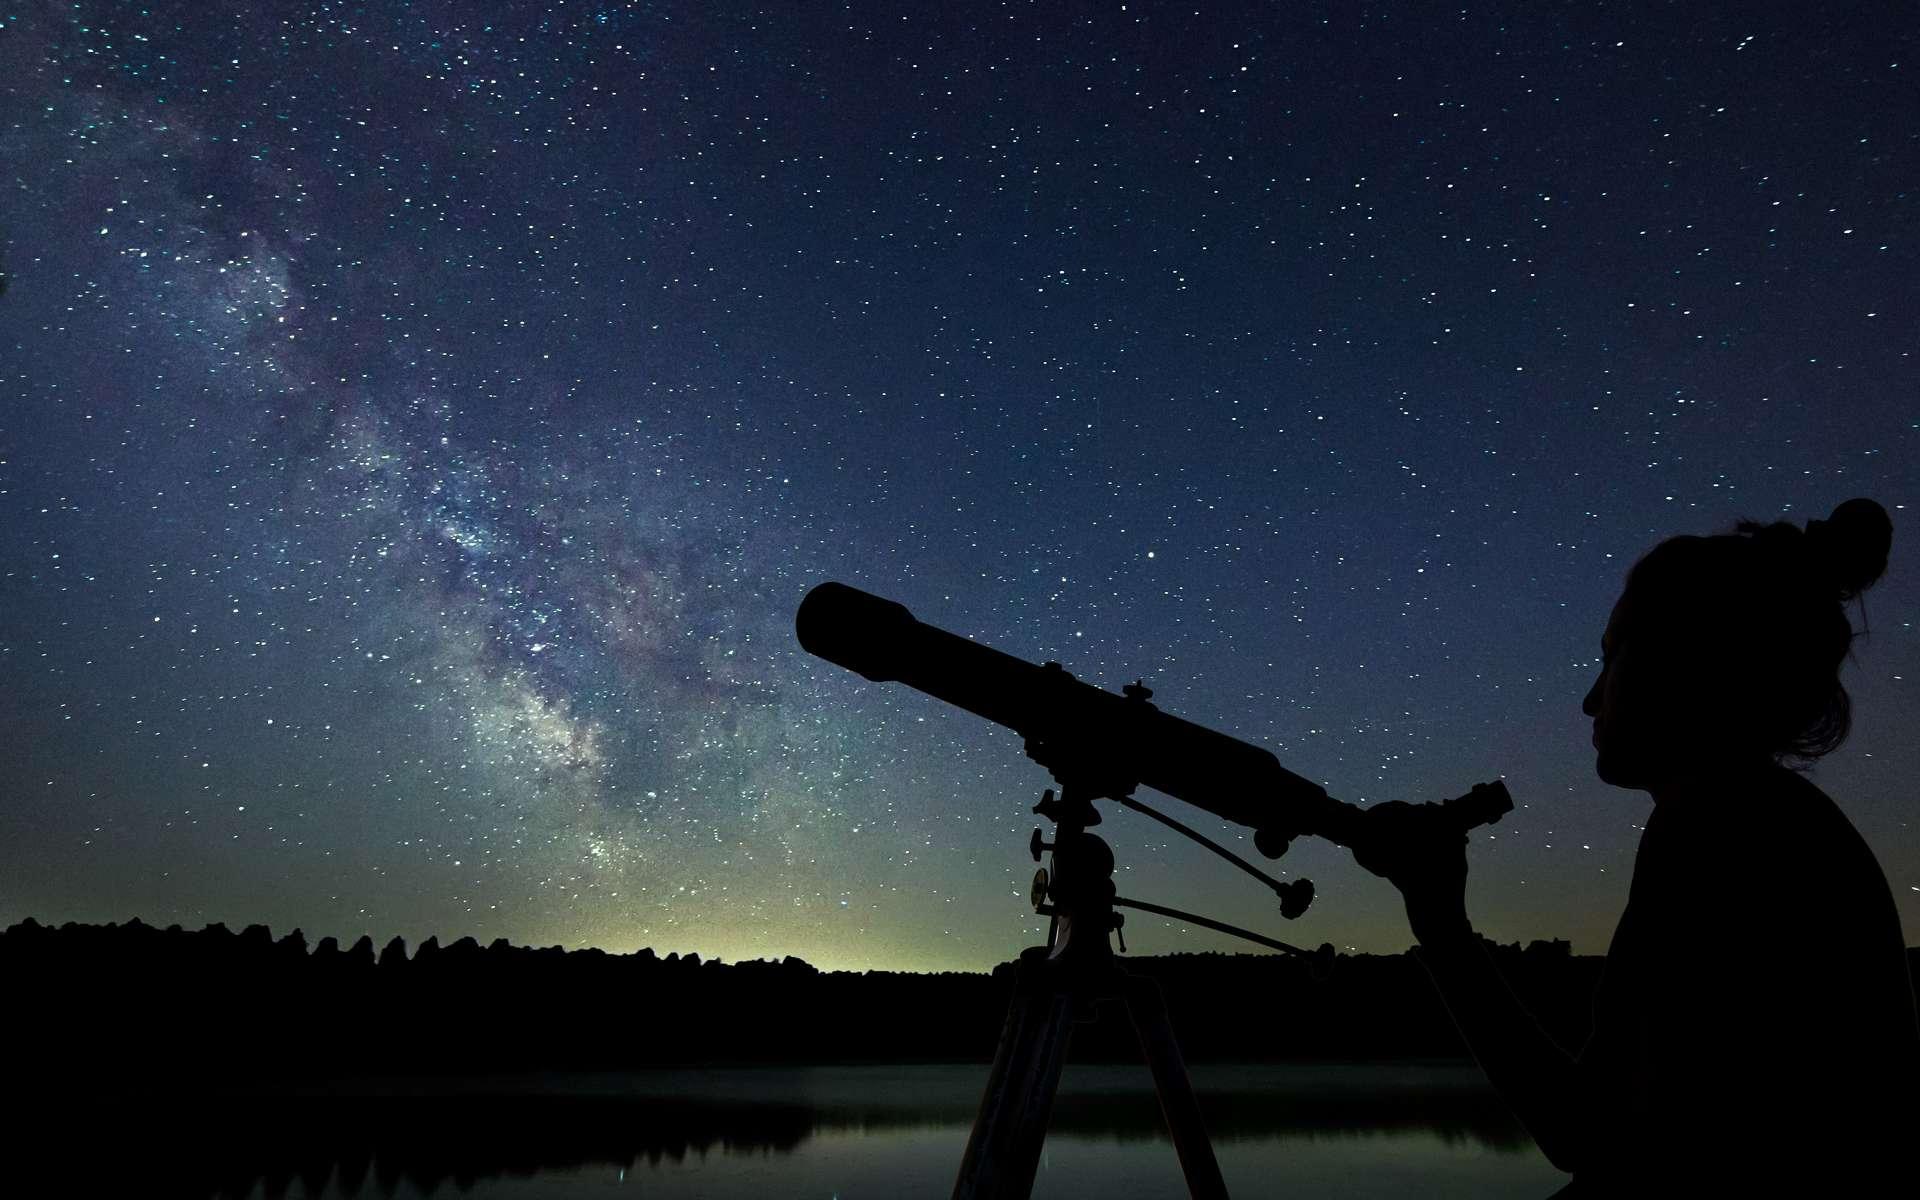 Les Nuits des étoiles marquent une magnifique occasion d'observer le ciel nocturne et d'échanger avec des personnes passionnées. © allexxandarx, Adobe Stock